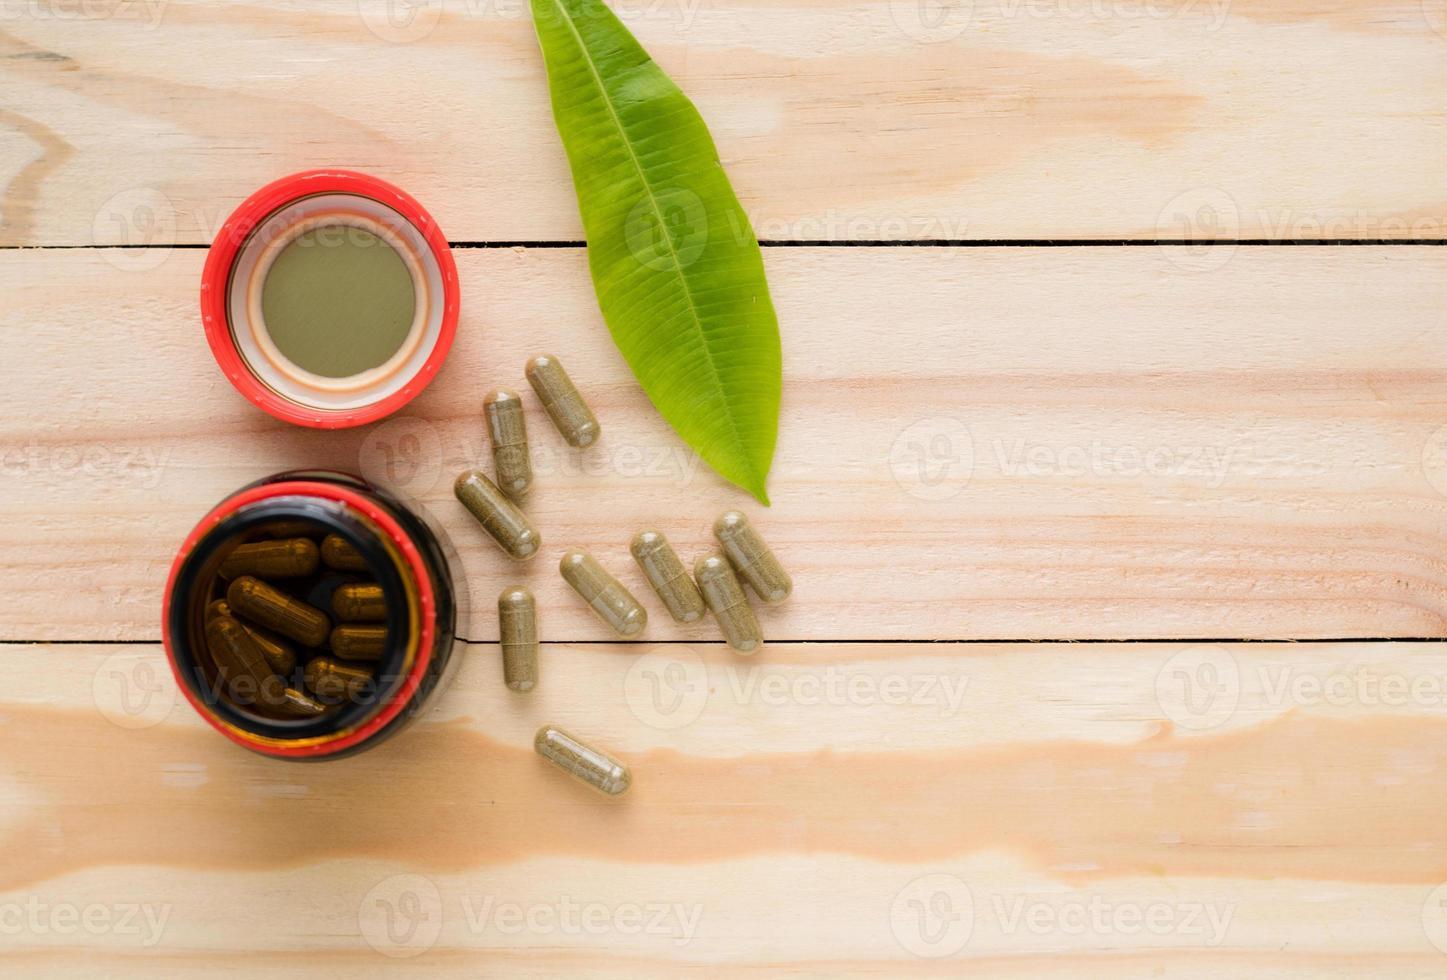 Vista superior de cápsulas de medicamentos a base de hierbas y botella sobre fondo de madera foto